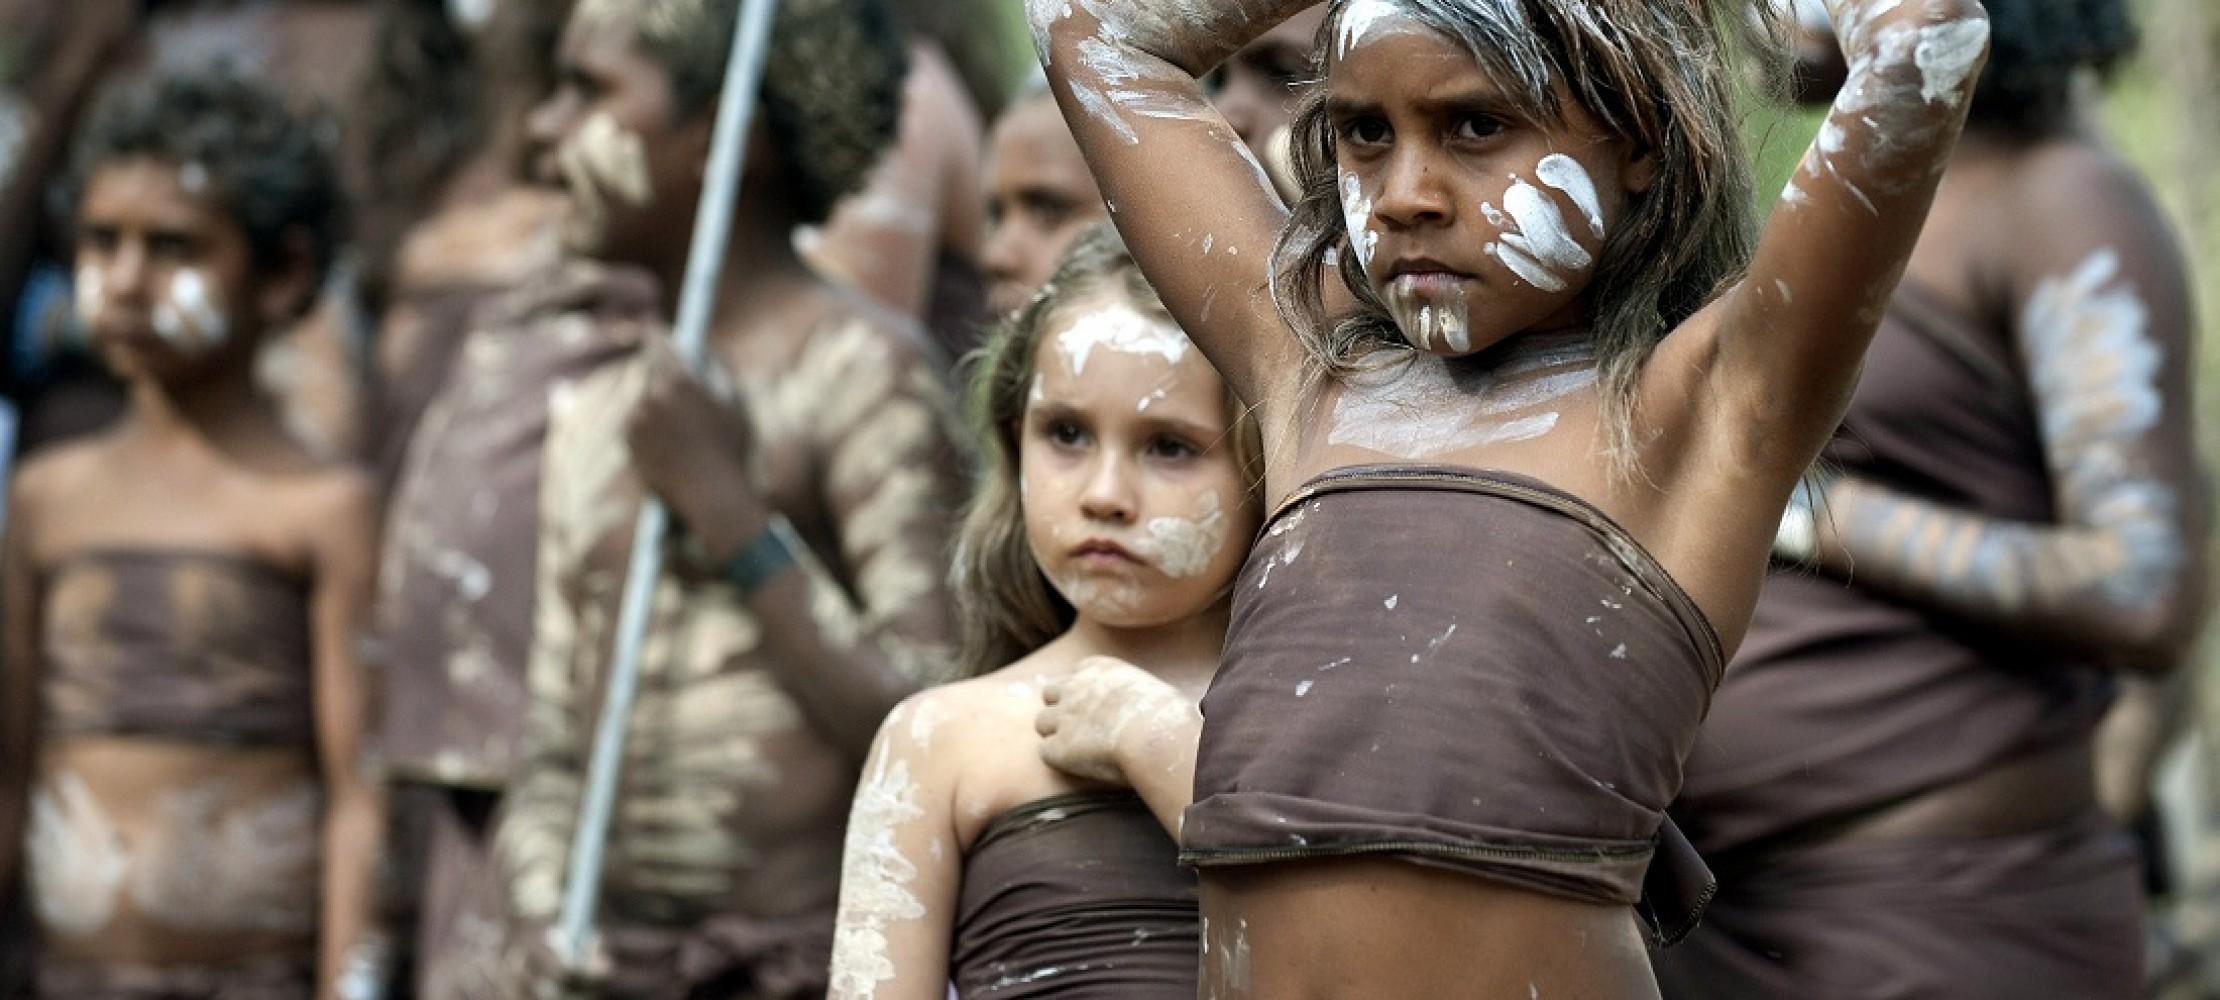 9 августа отмечаем Международный день коренных народов мира — фото 2